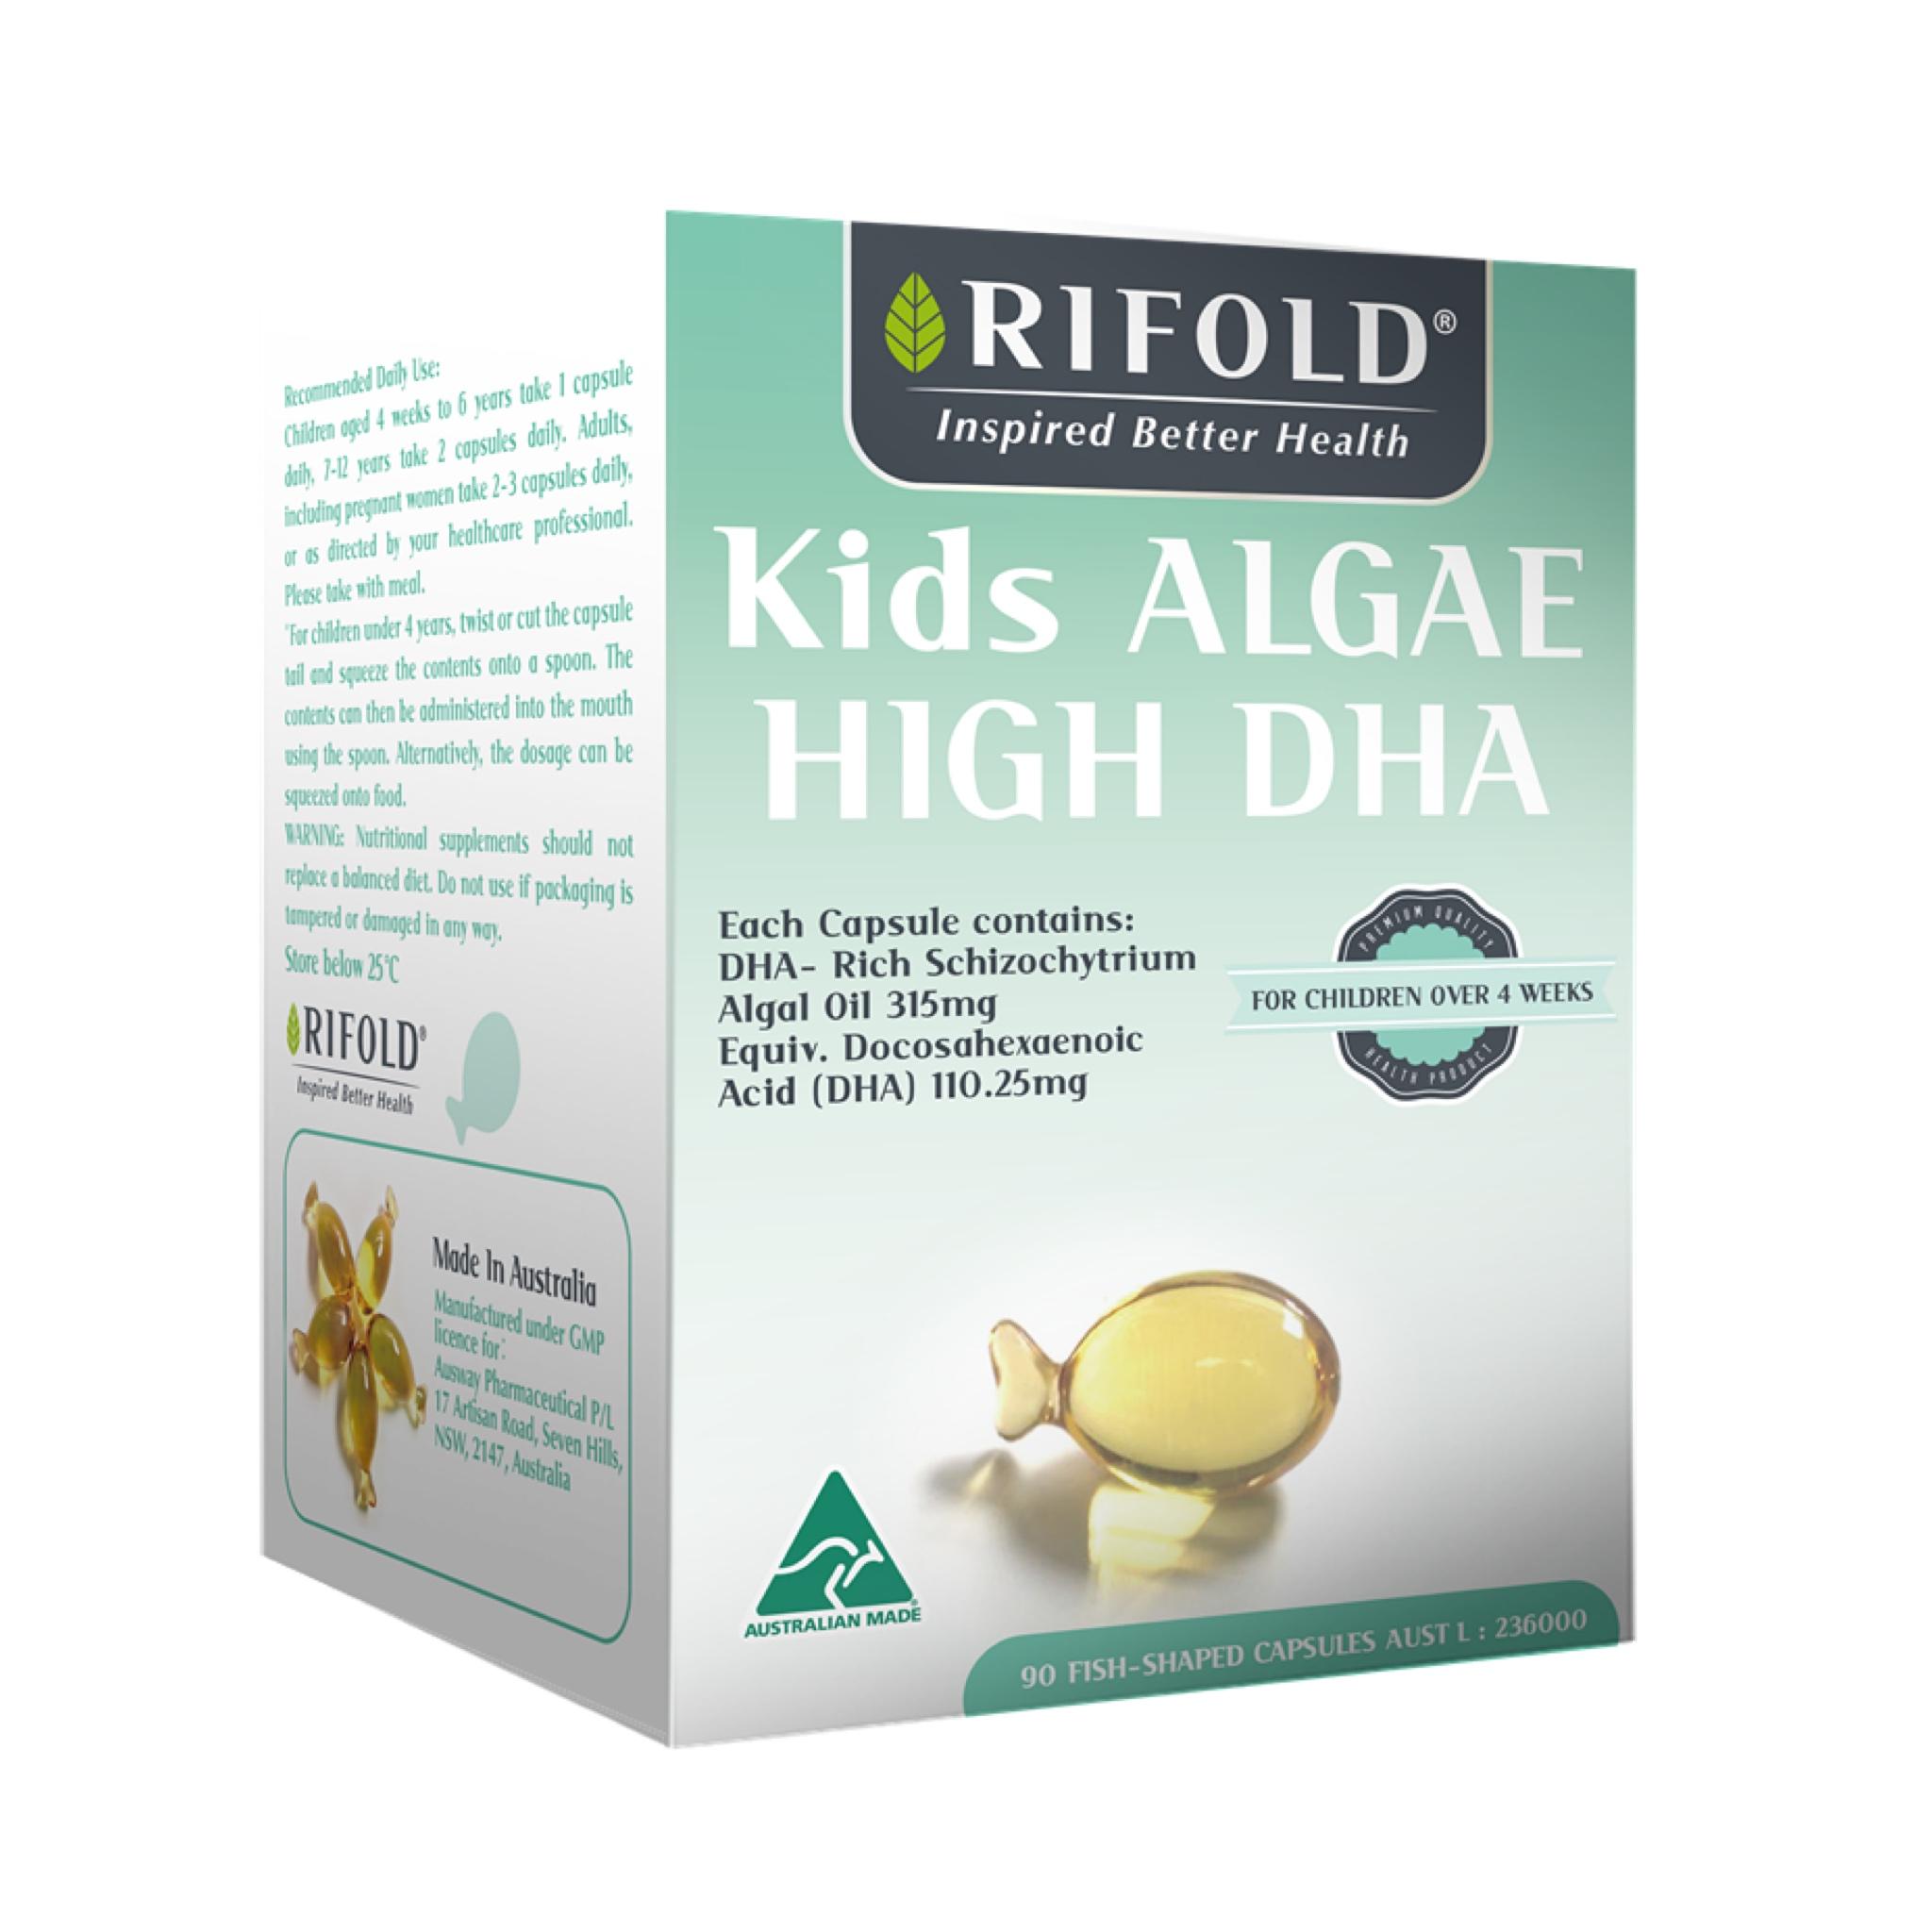 วิตามินบำรุงสมองและระบบประสาท RIFOLD Kids Algae High DHA